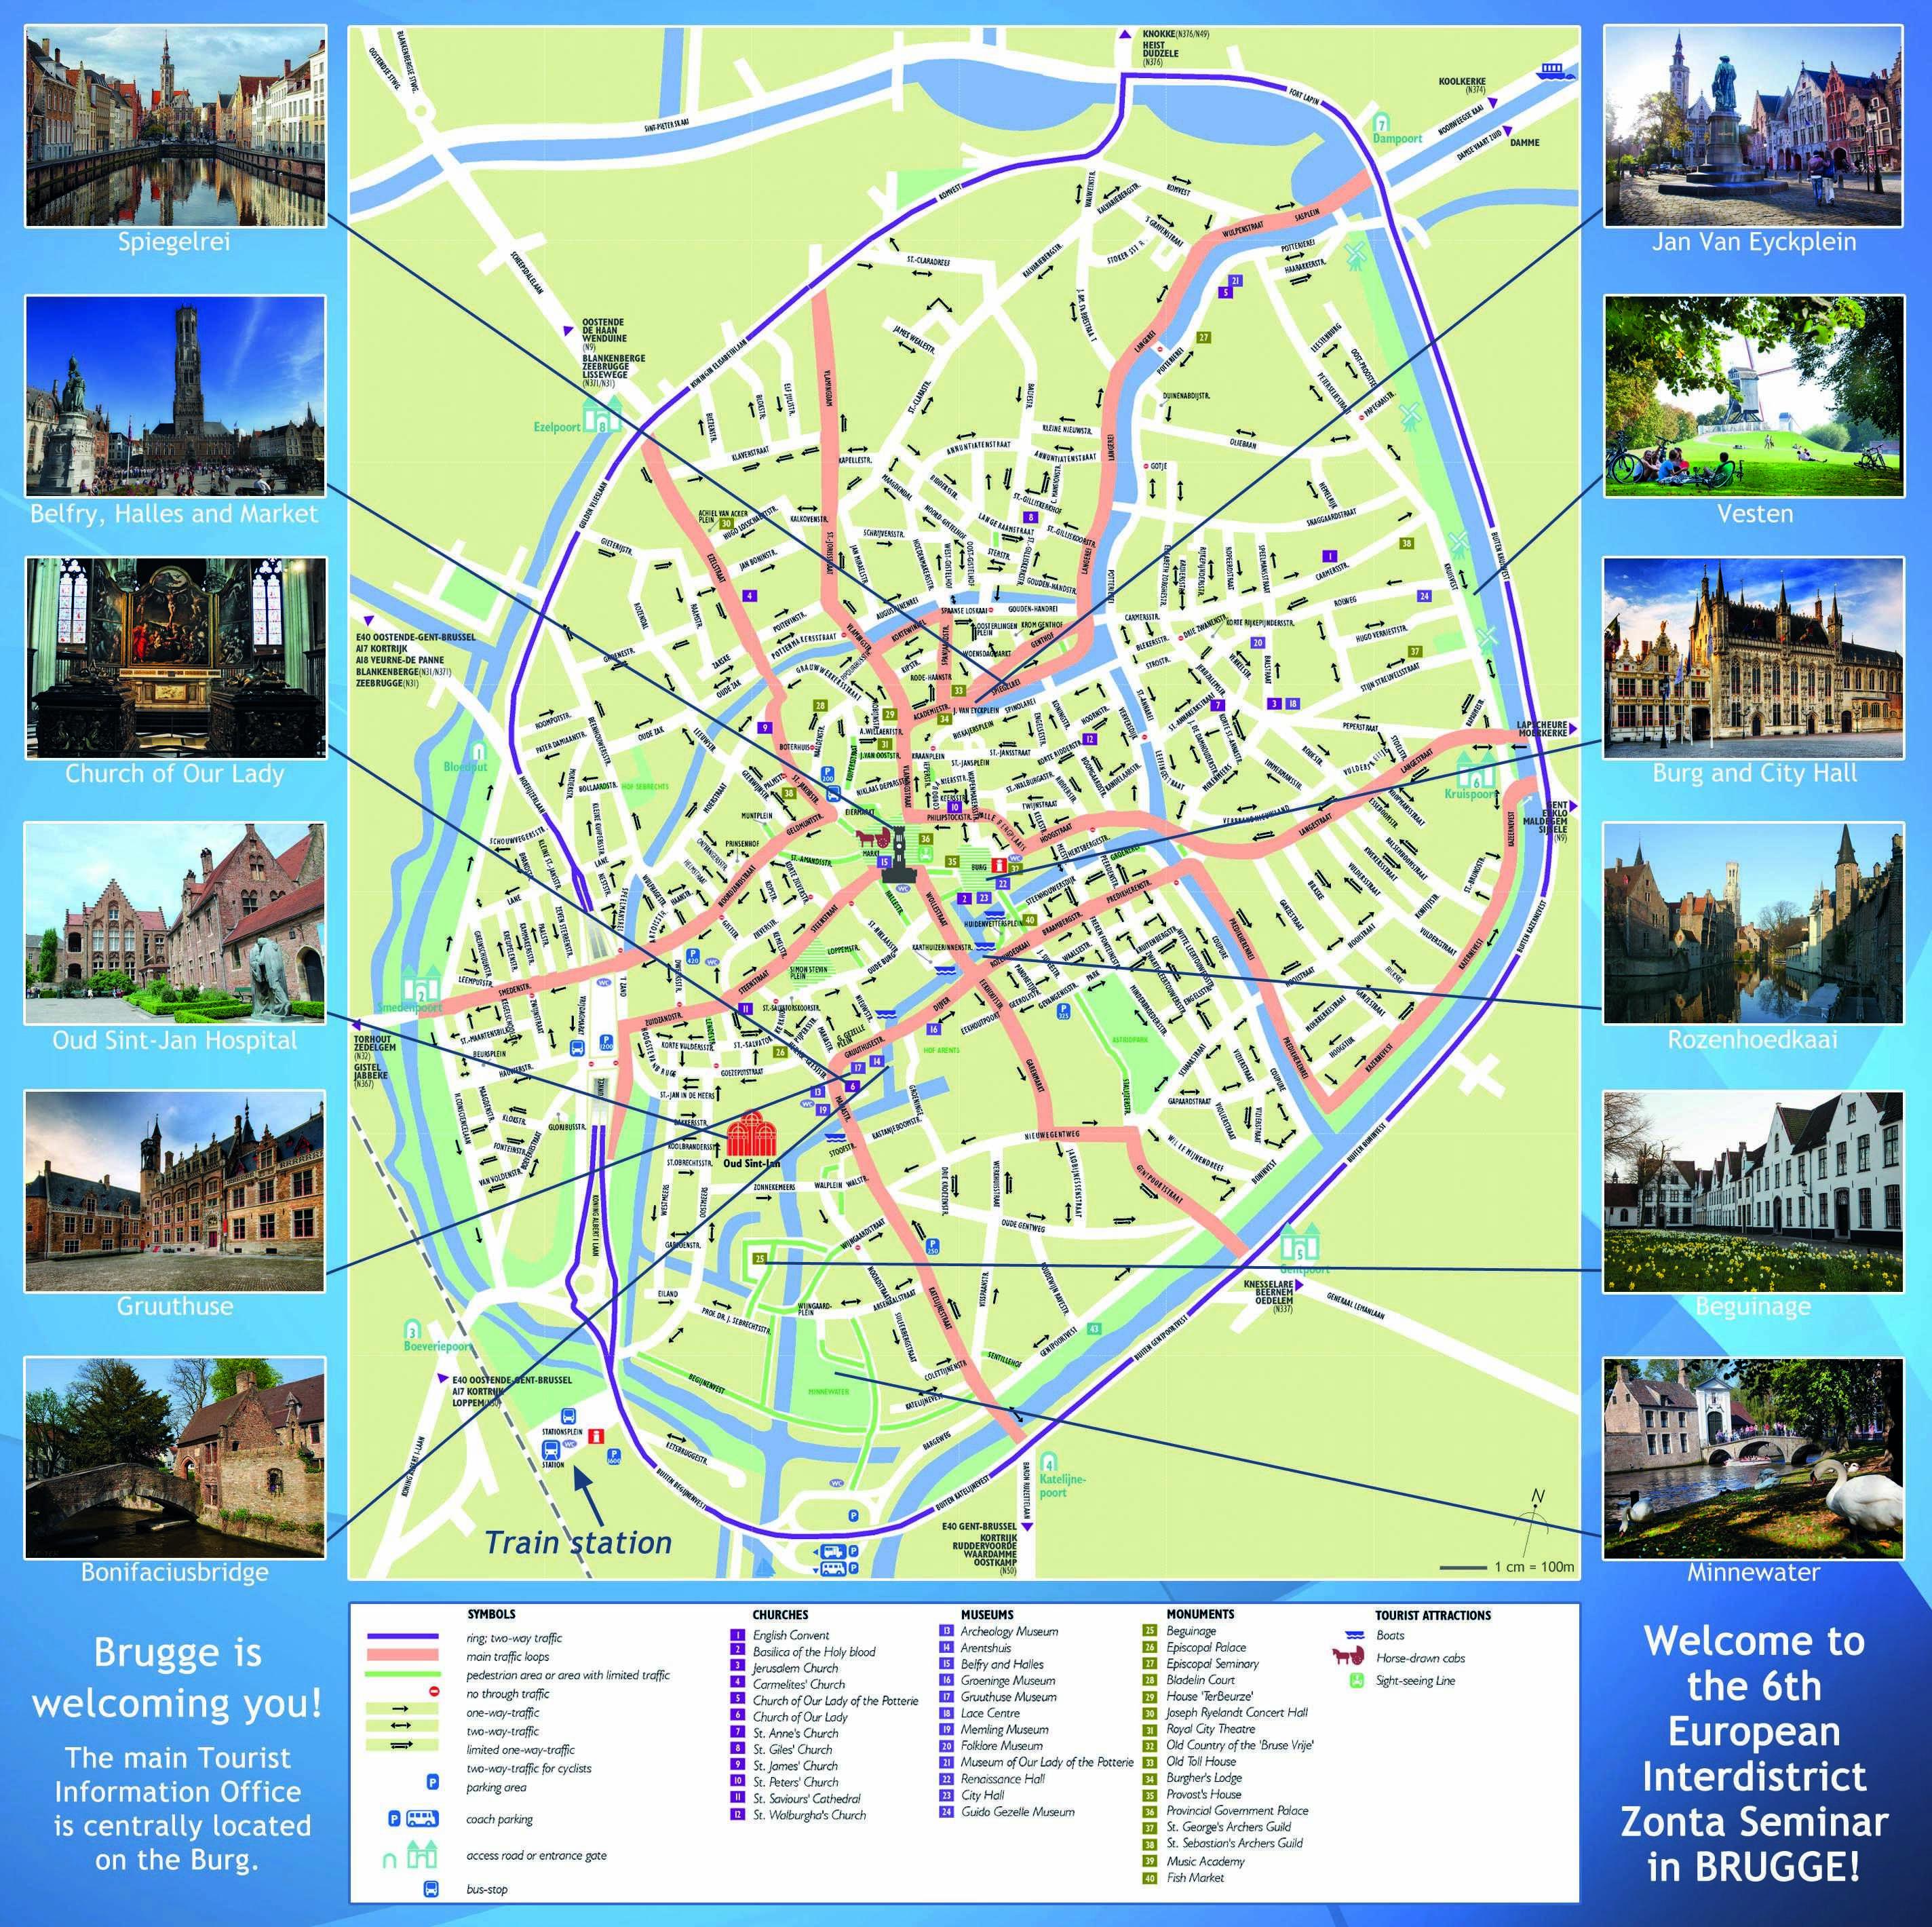 Mapa Turistico Brujas My Blog Mapa Turístico Bruselas Brujas Brujas